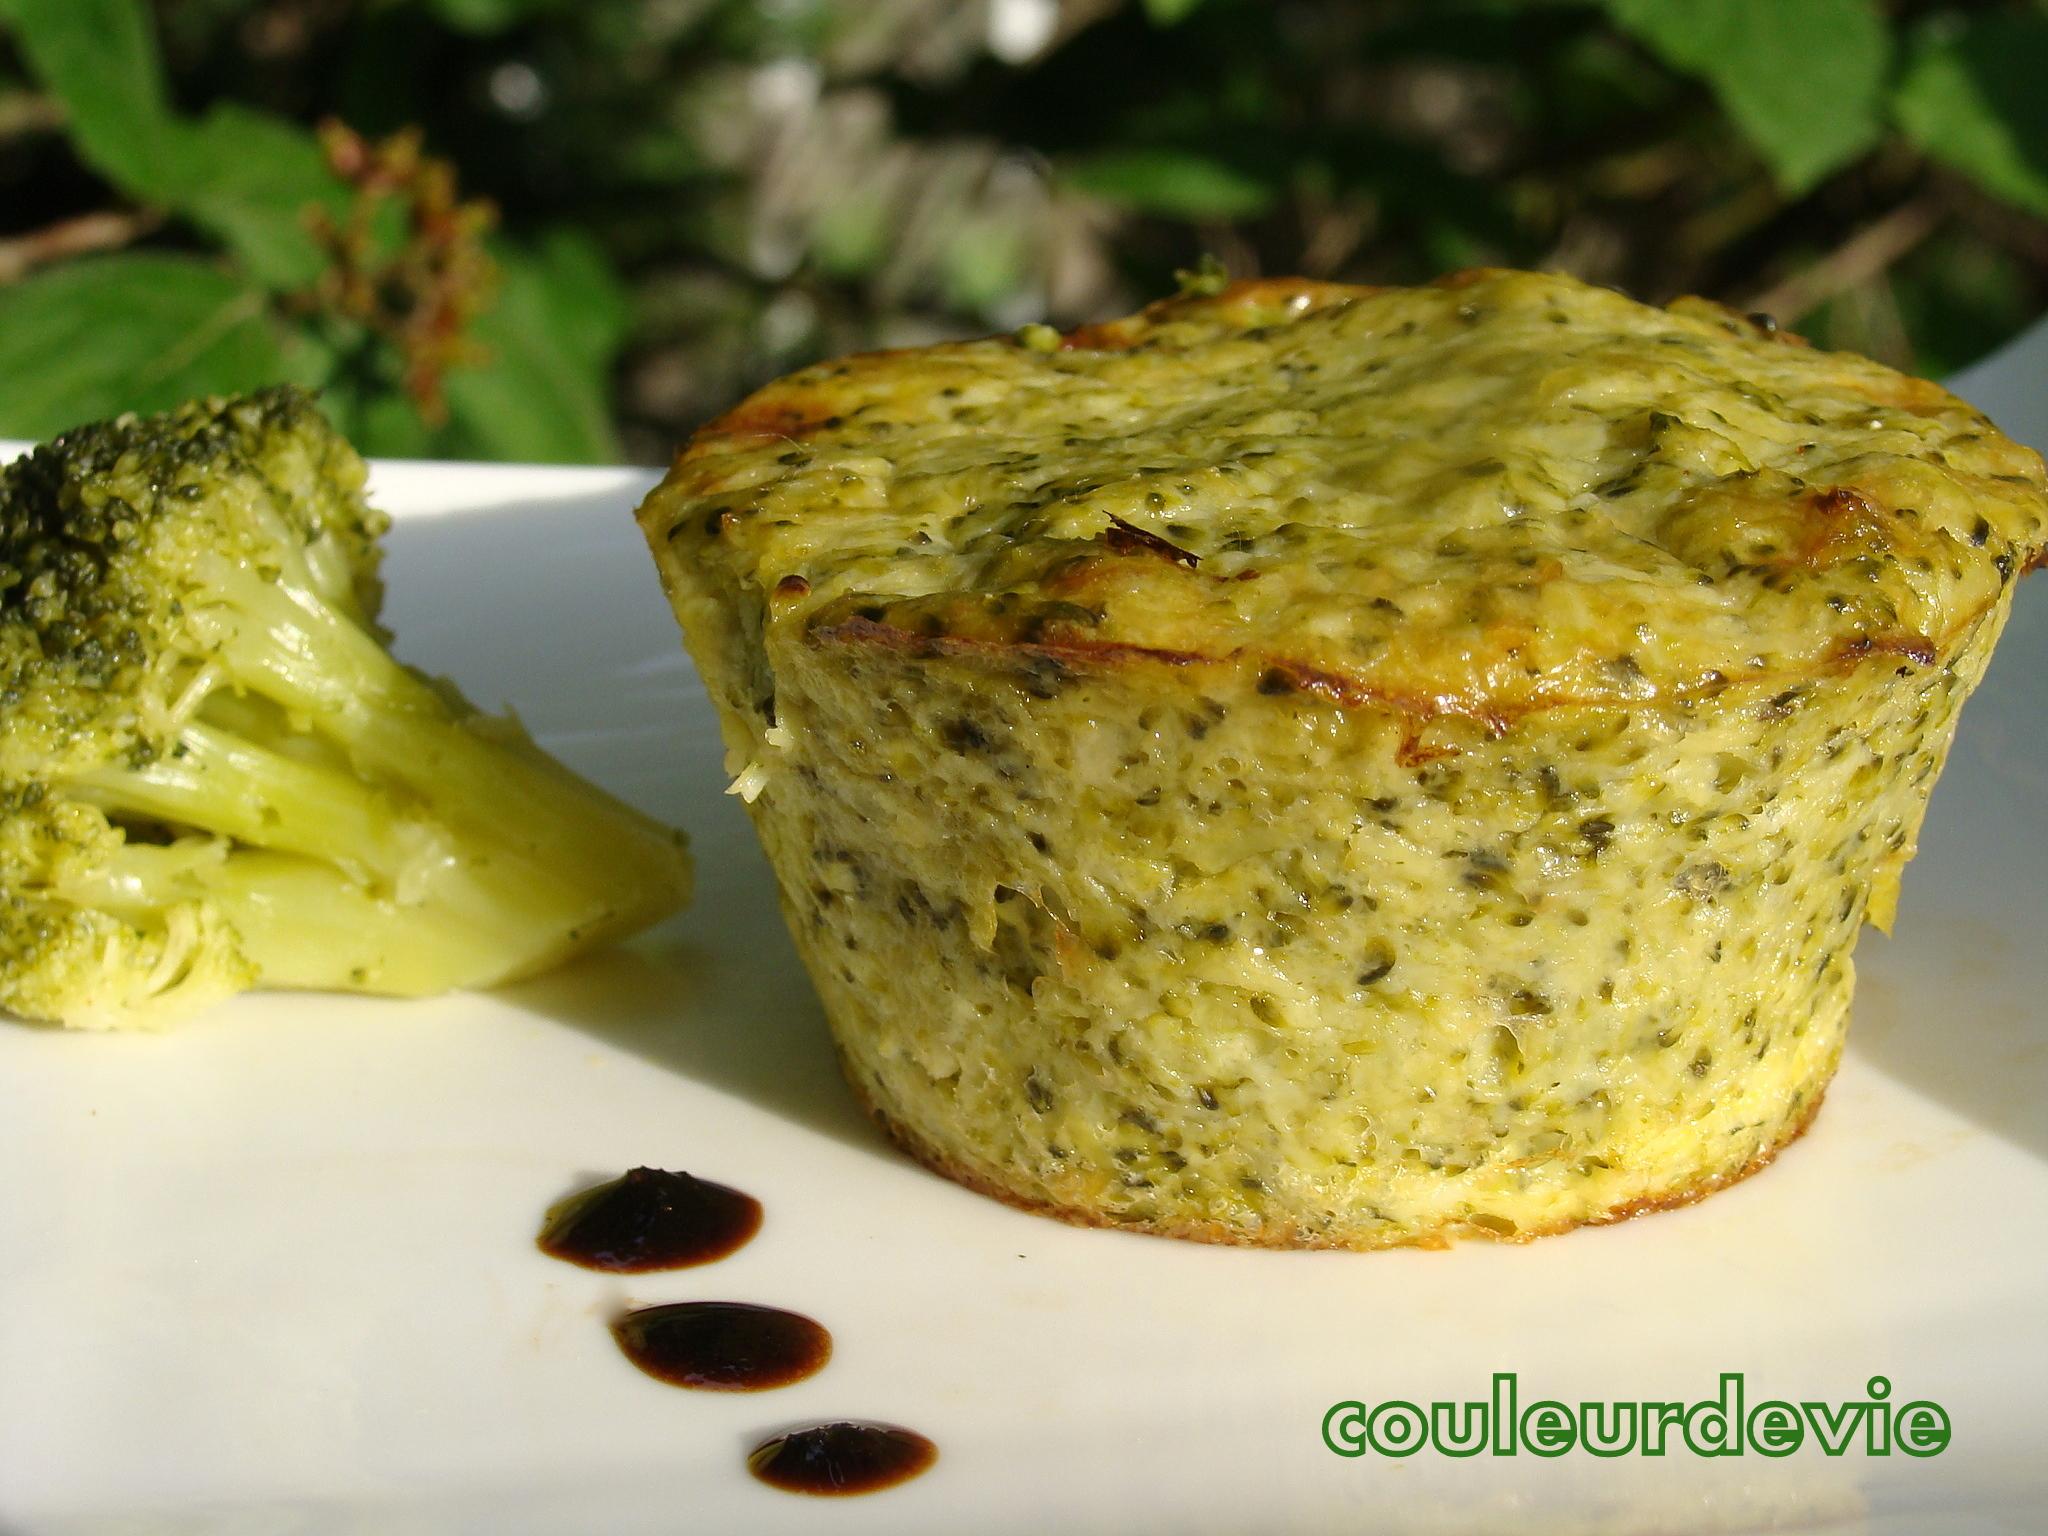 Petits flans de brocolis au parmesan couleurdevie - Cuisiner brocolis surgeles ...